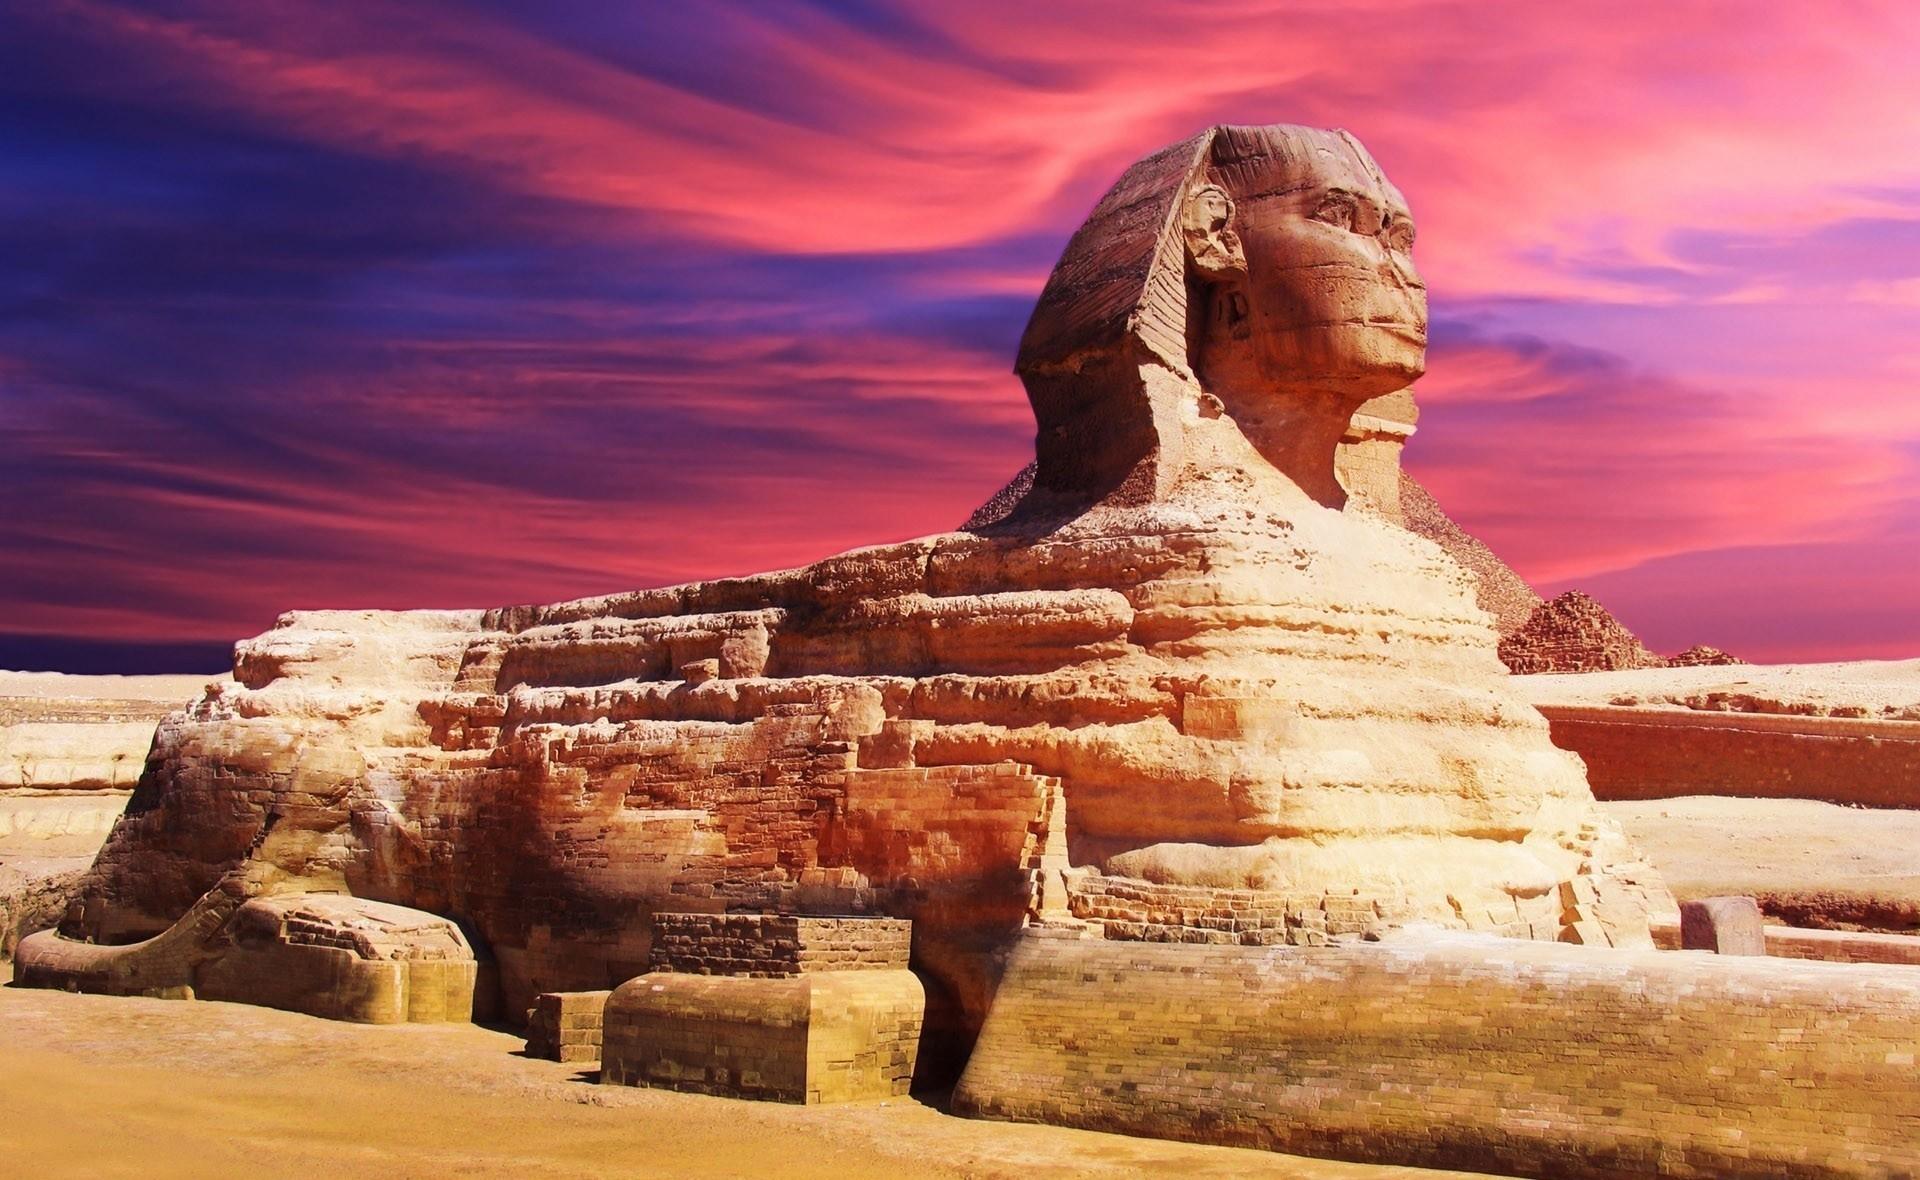 Правда ли, что Большой Сфинкс старше египетской цивилизации